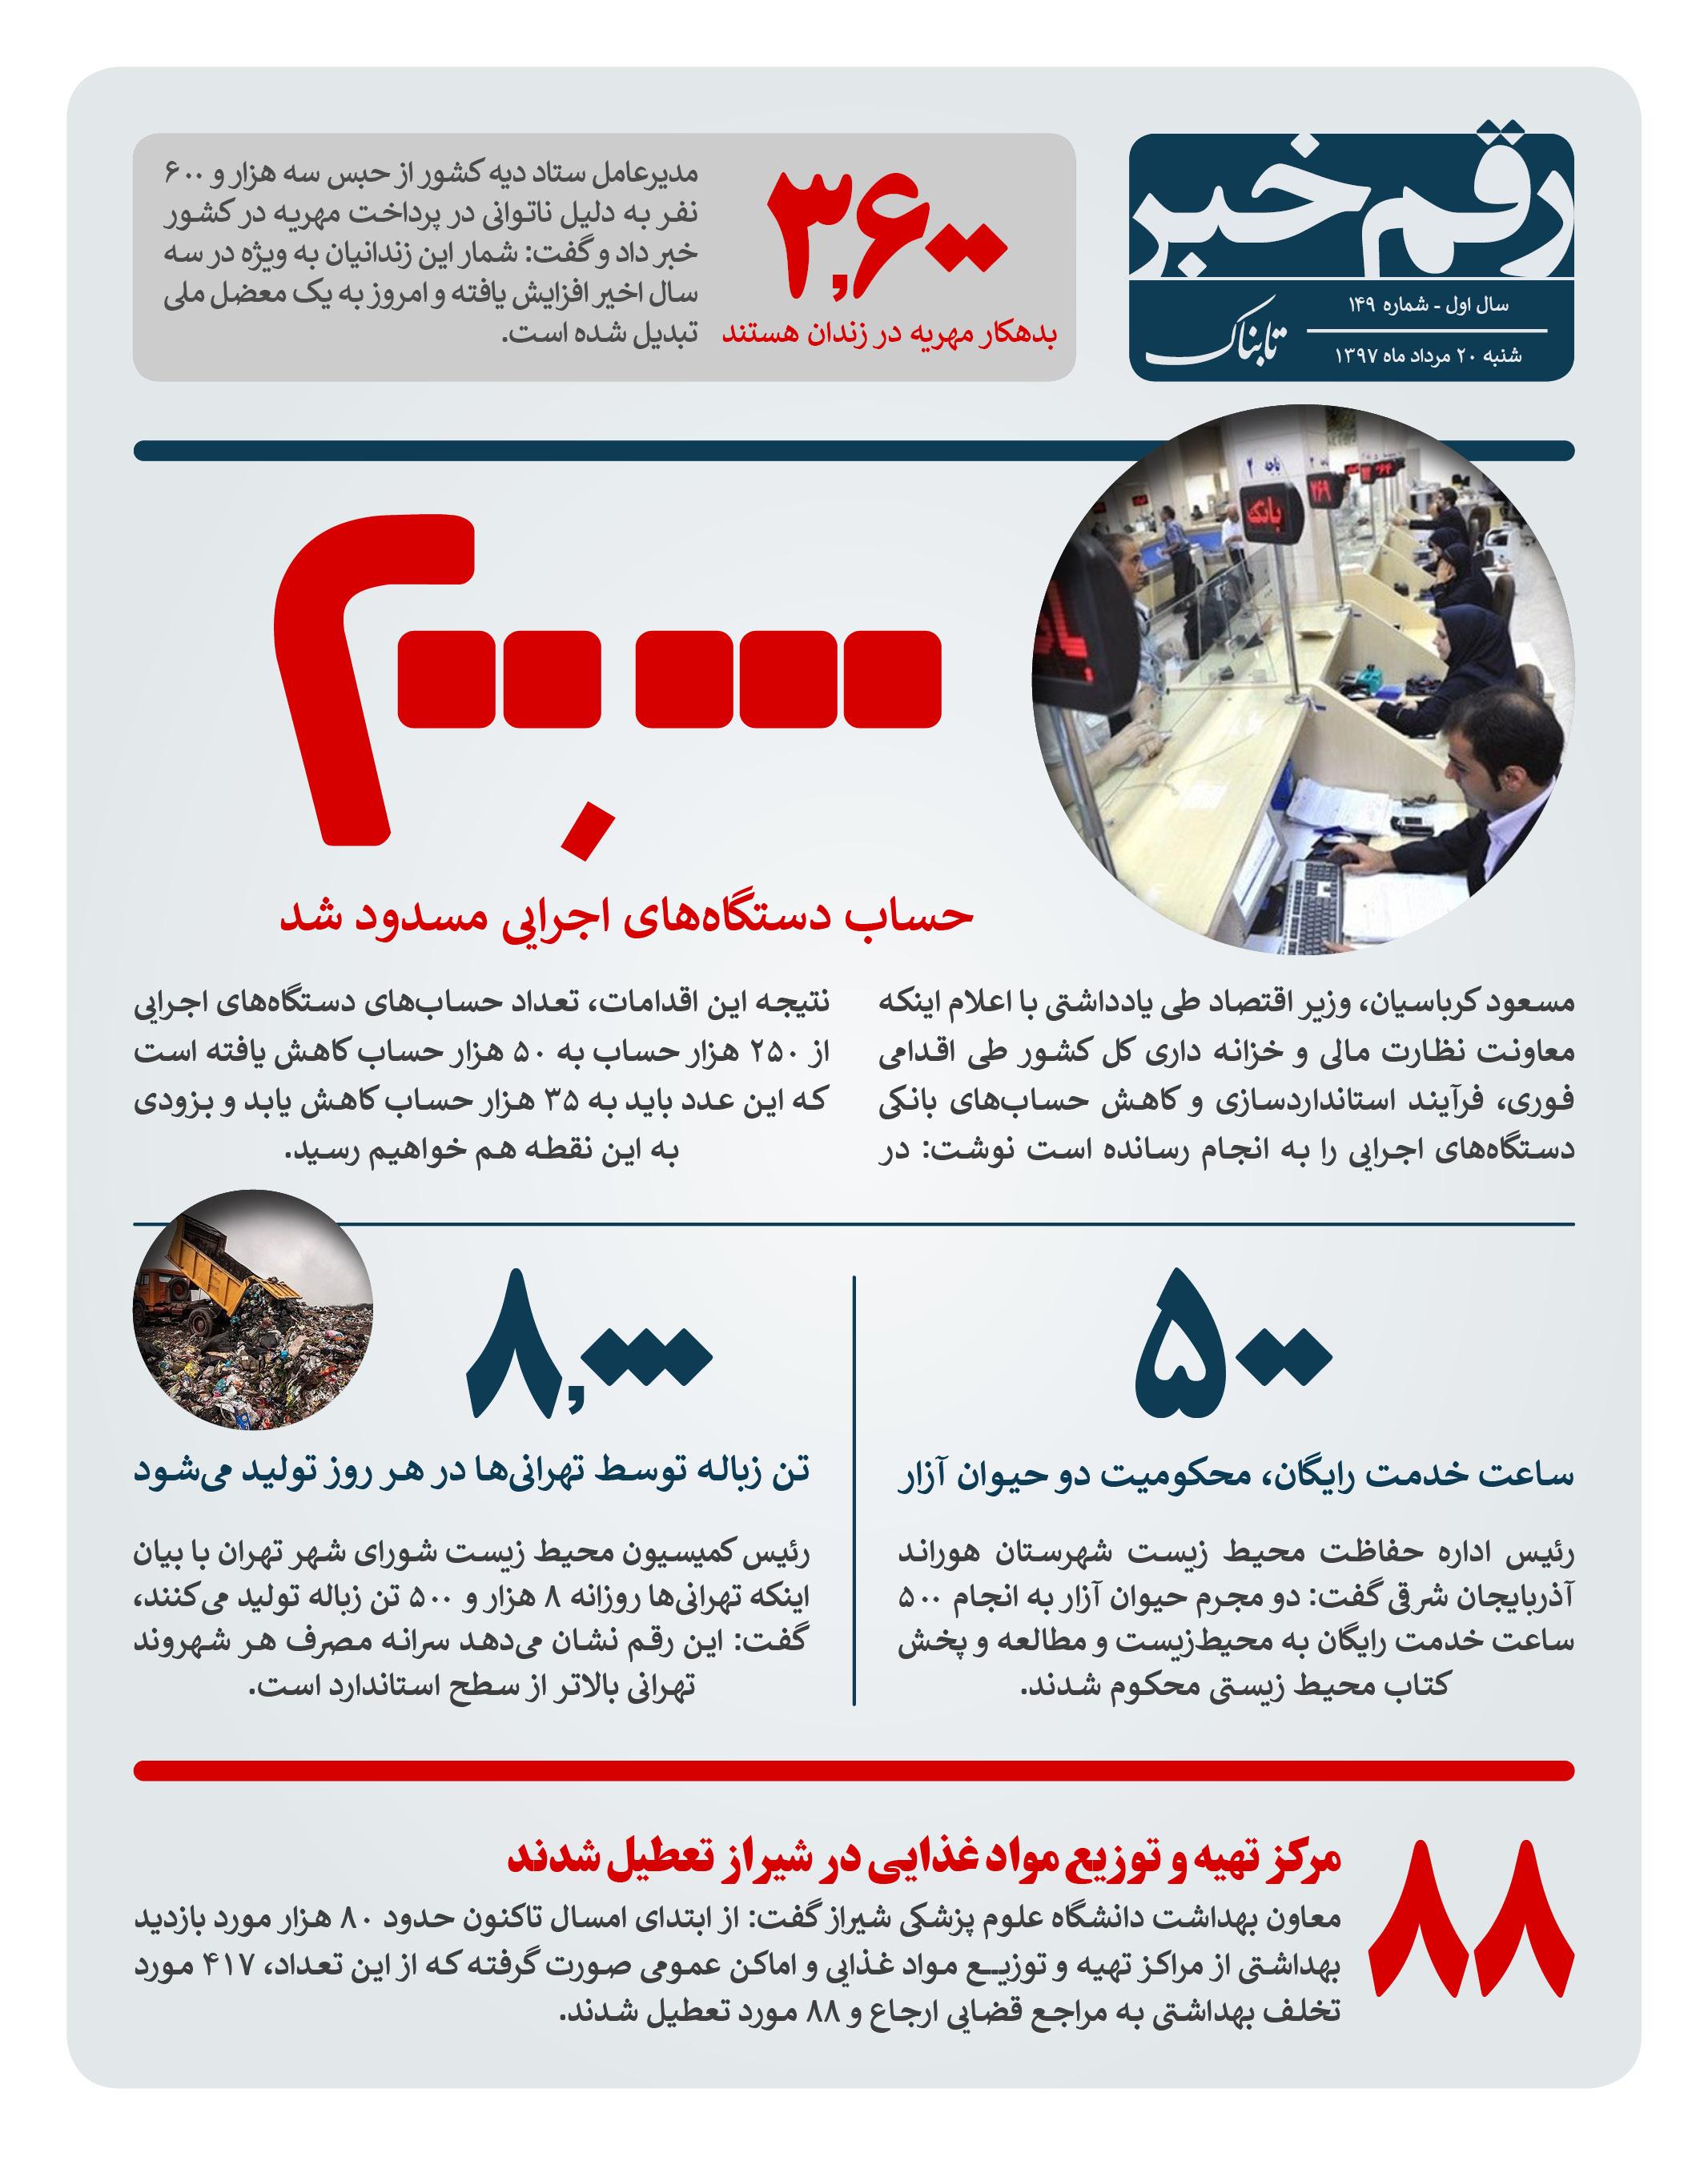 رقم خبر: آماری از زندانیان مهریه